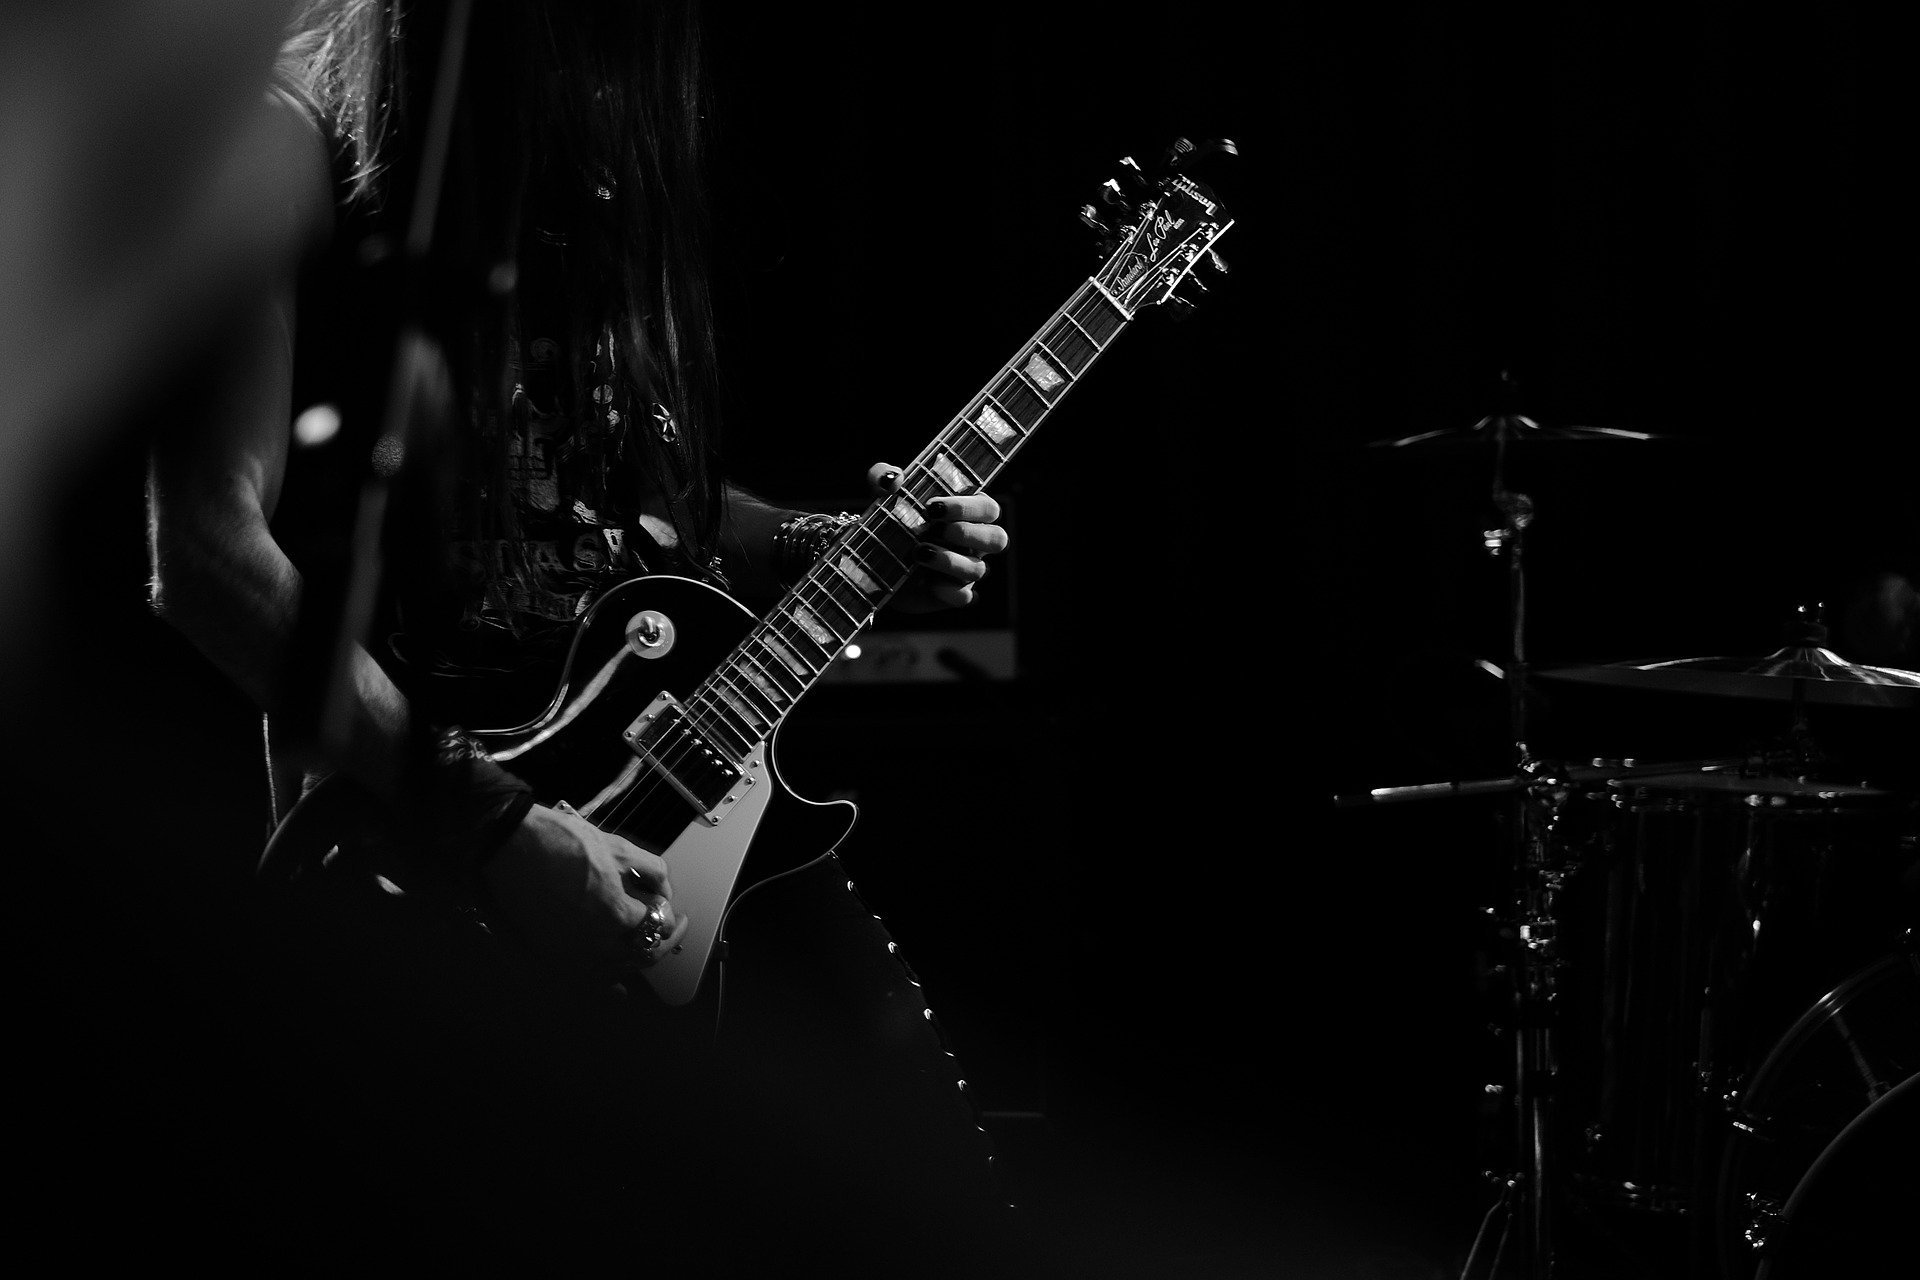 Foto preta e branca de pessoa tocando guitarra